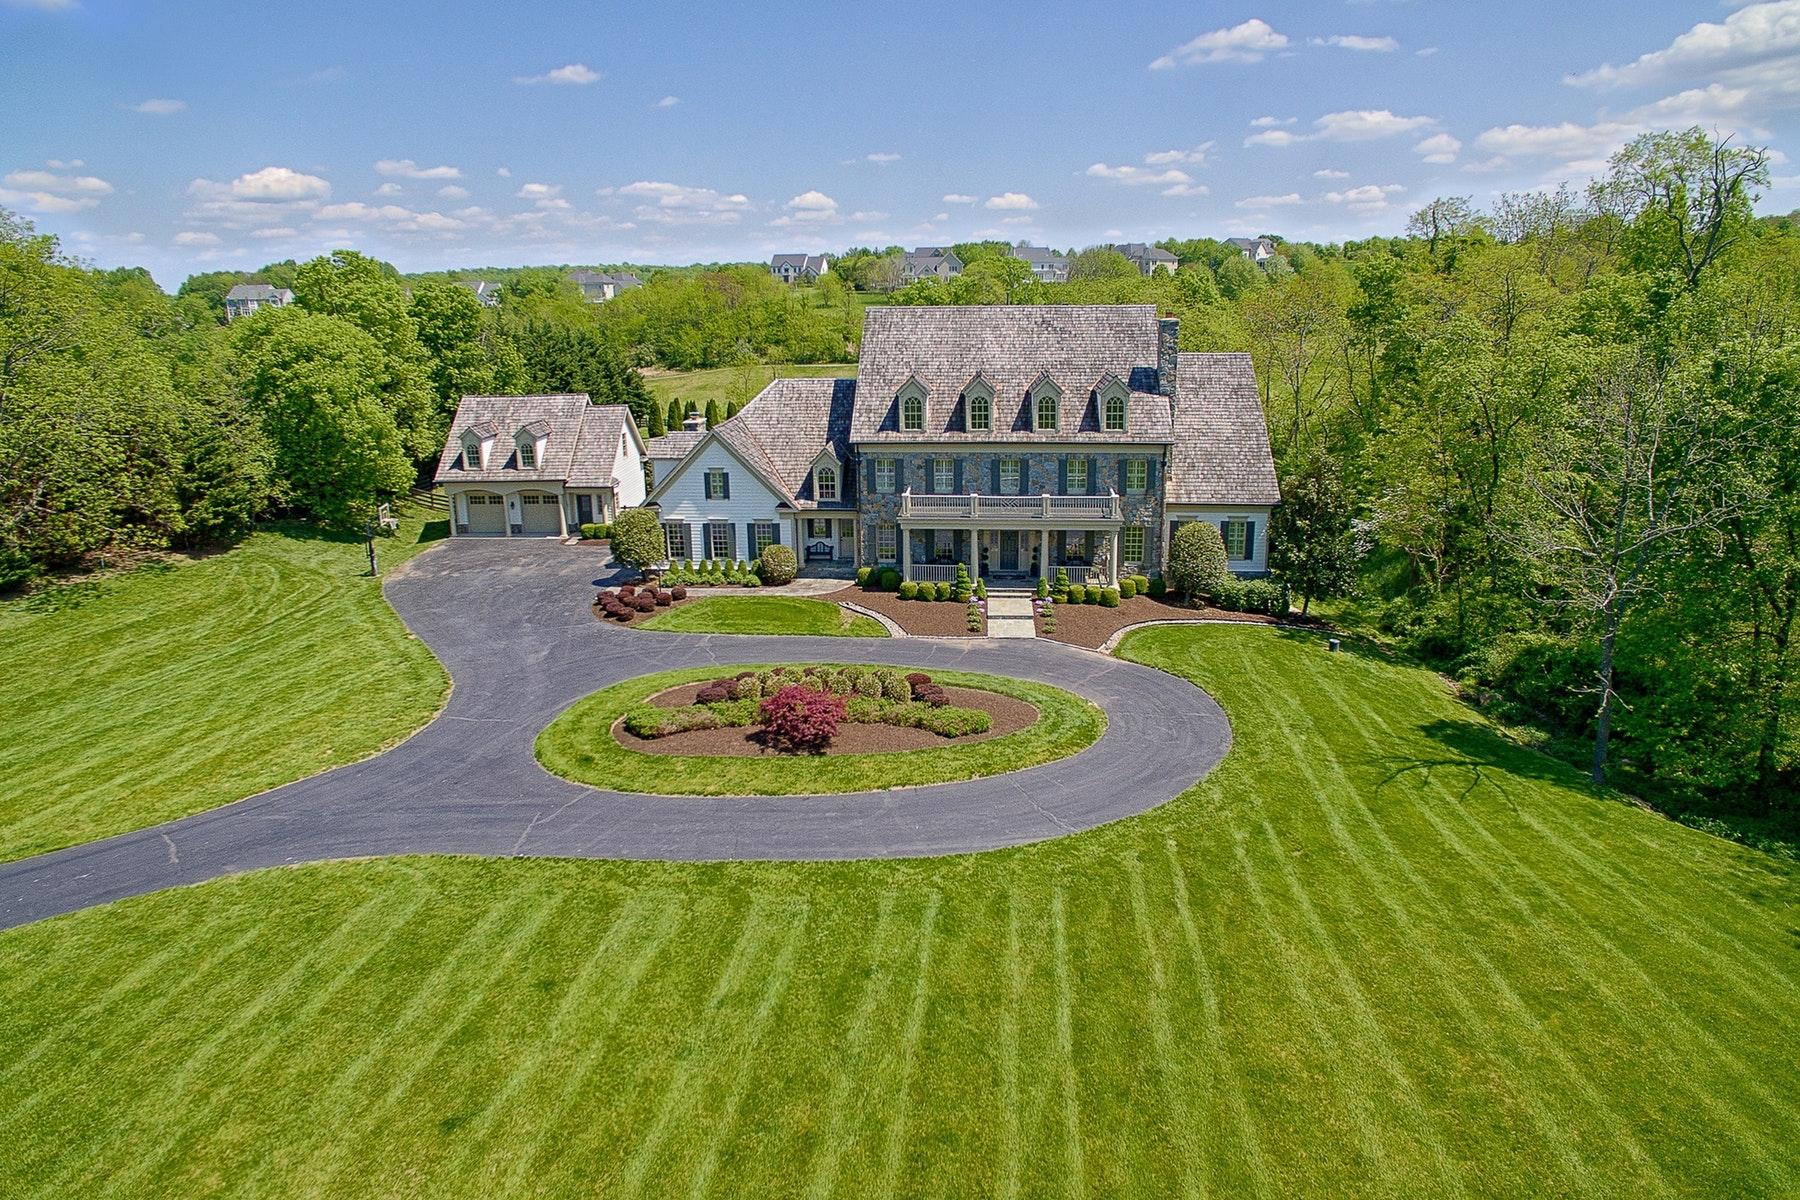 Частный односемейный дом для того Продажа на Stunning Custom Estate 17094 Silver Charm Place Leesburg, Виргиния 20176 Соединенные Штаты